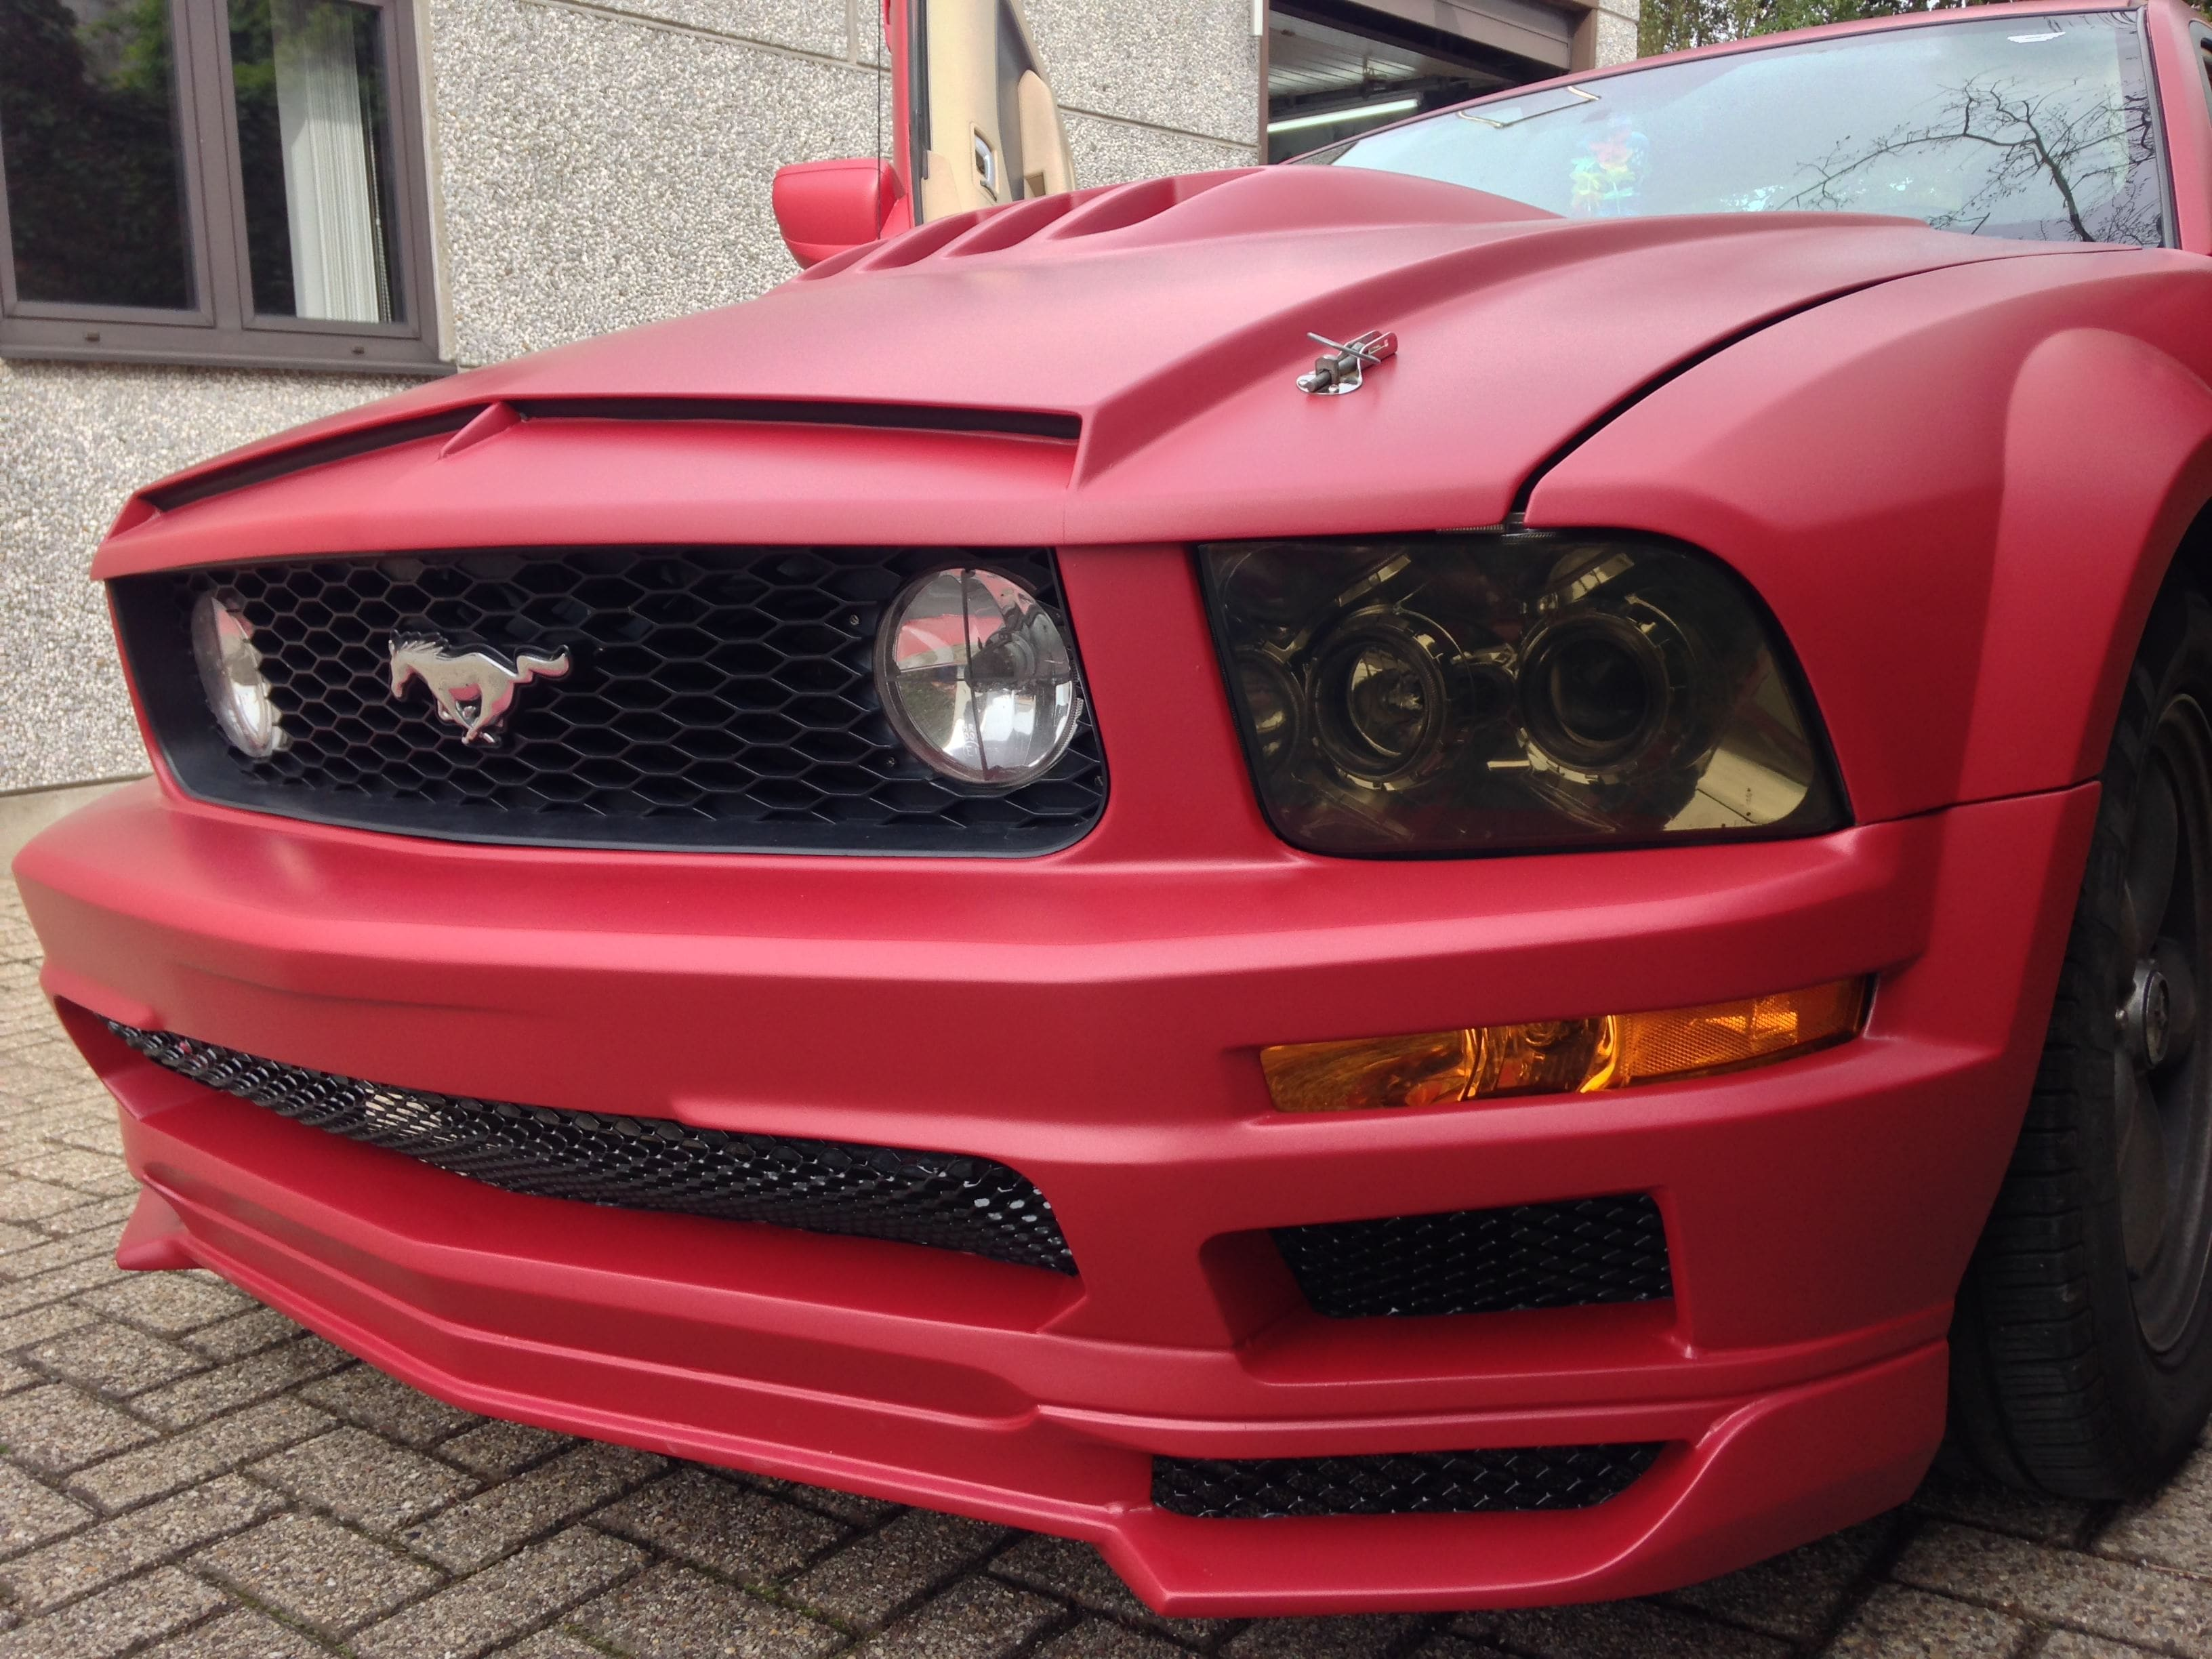 Ford Mustang 2009 met Mat Rode wrap, Carwrapping door Wrapmyride.nu Foto-nr:5829, ©2020